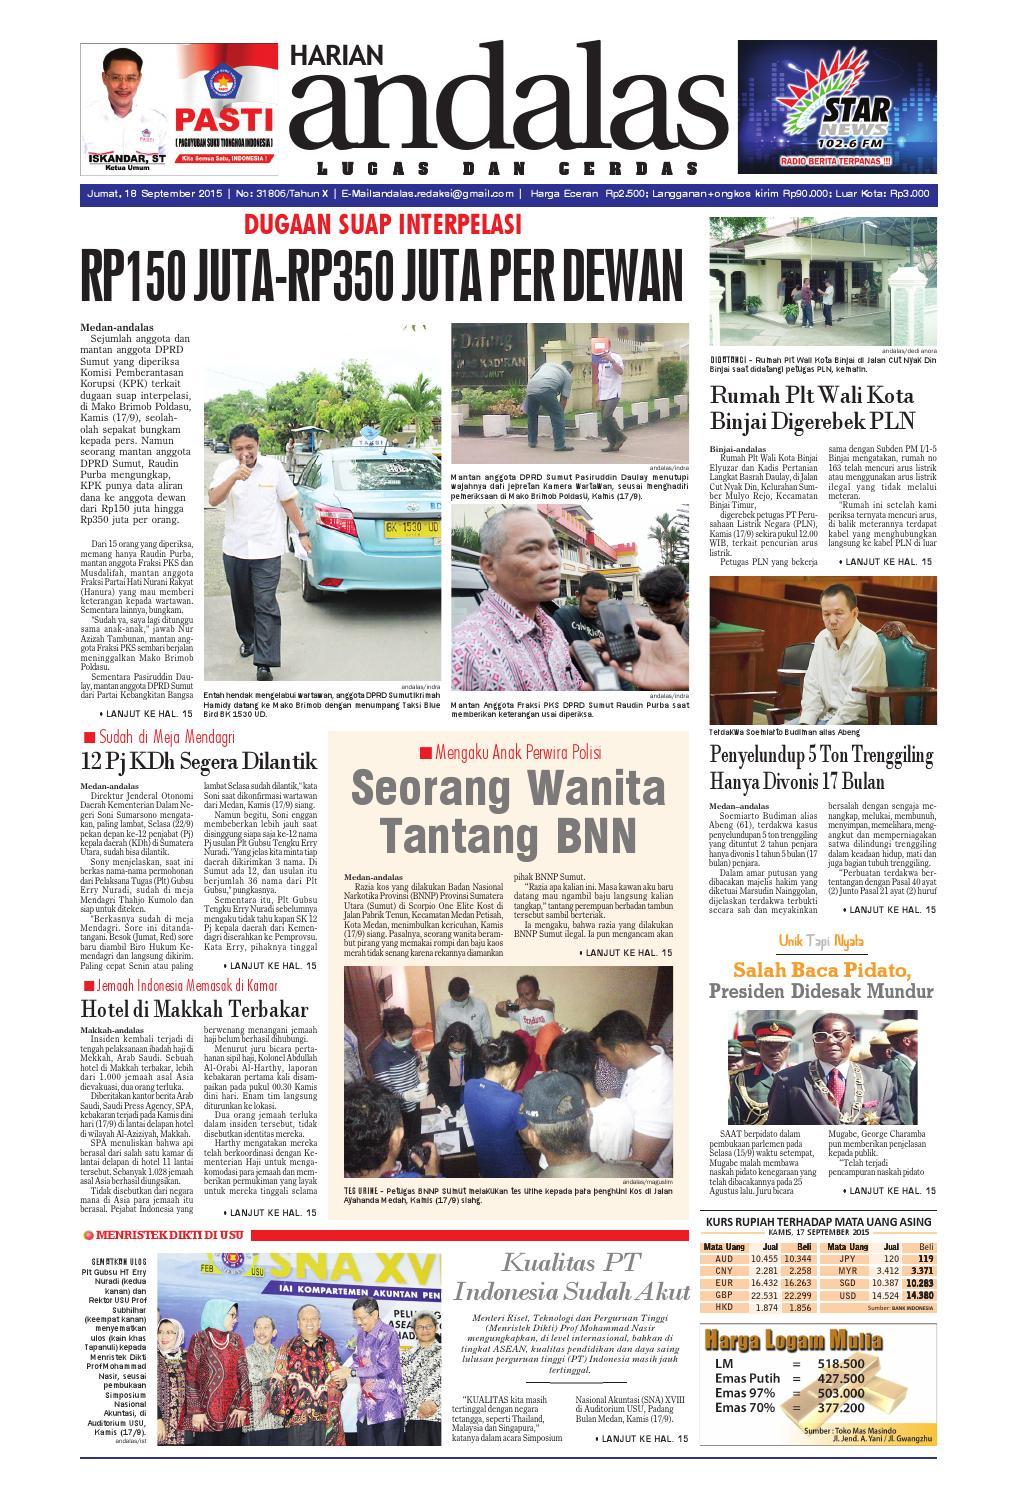 Epaper andalas edisi jumat 18 september 2015 by media andalas - issuu e02d3bc95d